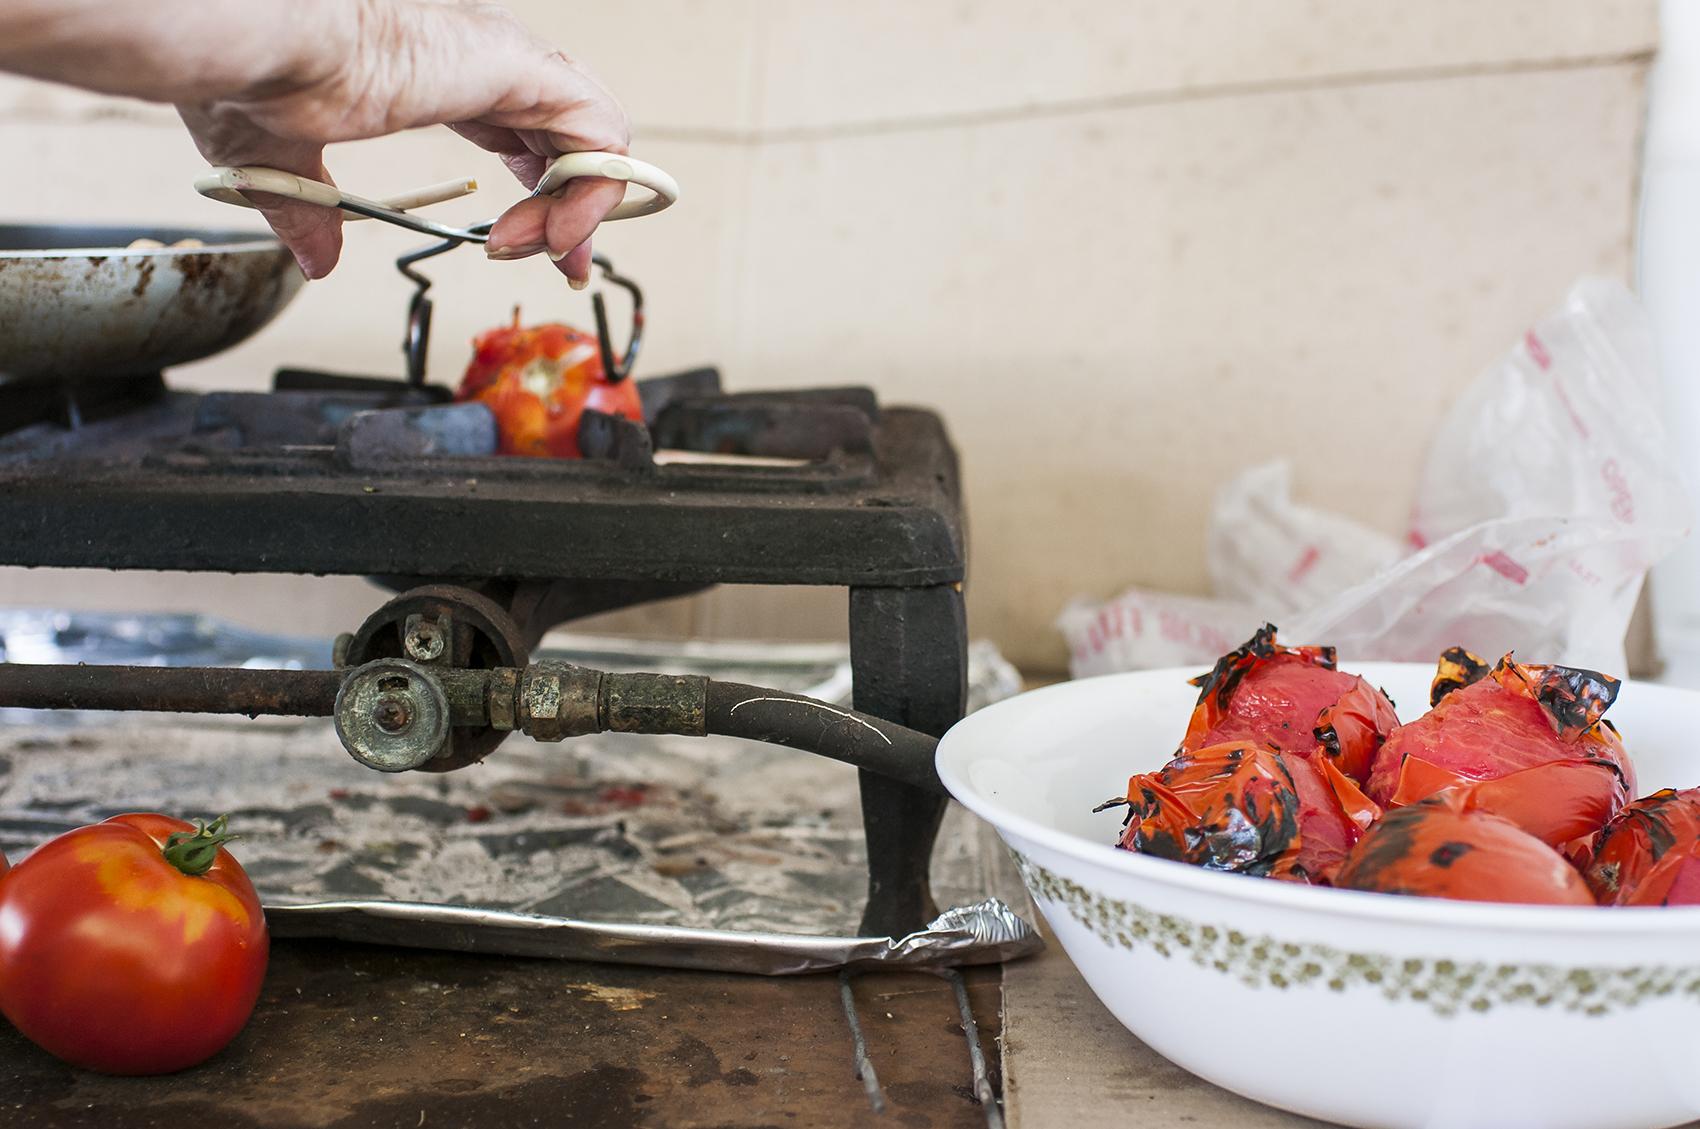 close up photo of Abuela roasting tomatoes